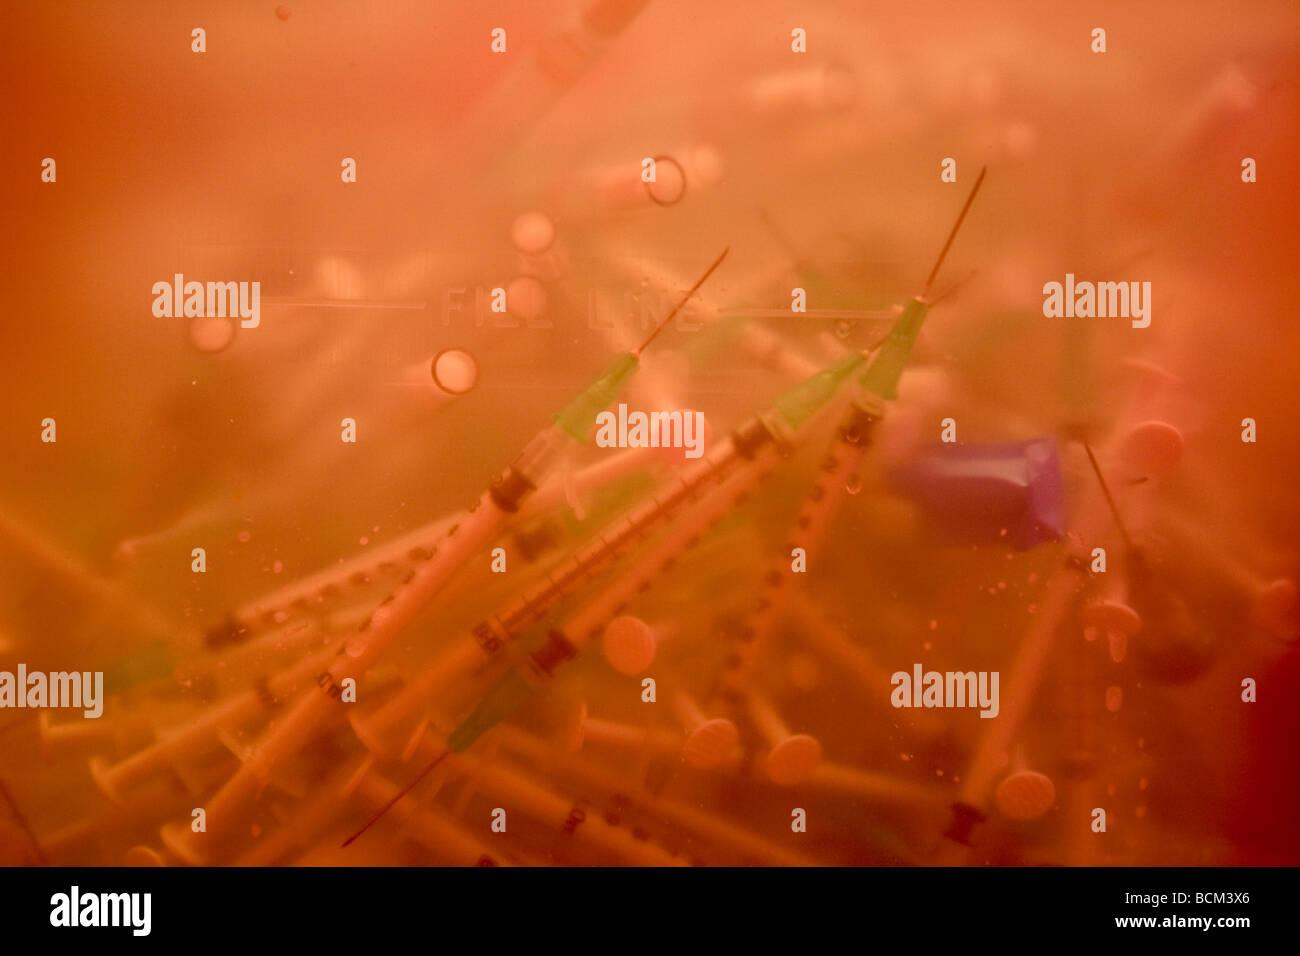 Jeringas vacías en un laboratorio de ciencia Imagen De Stock